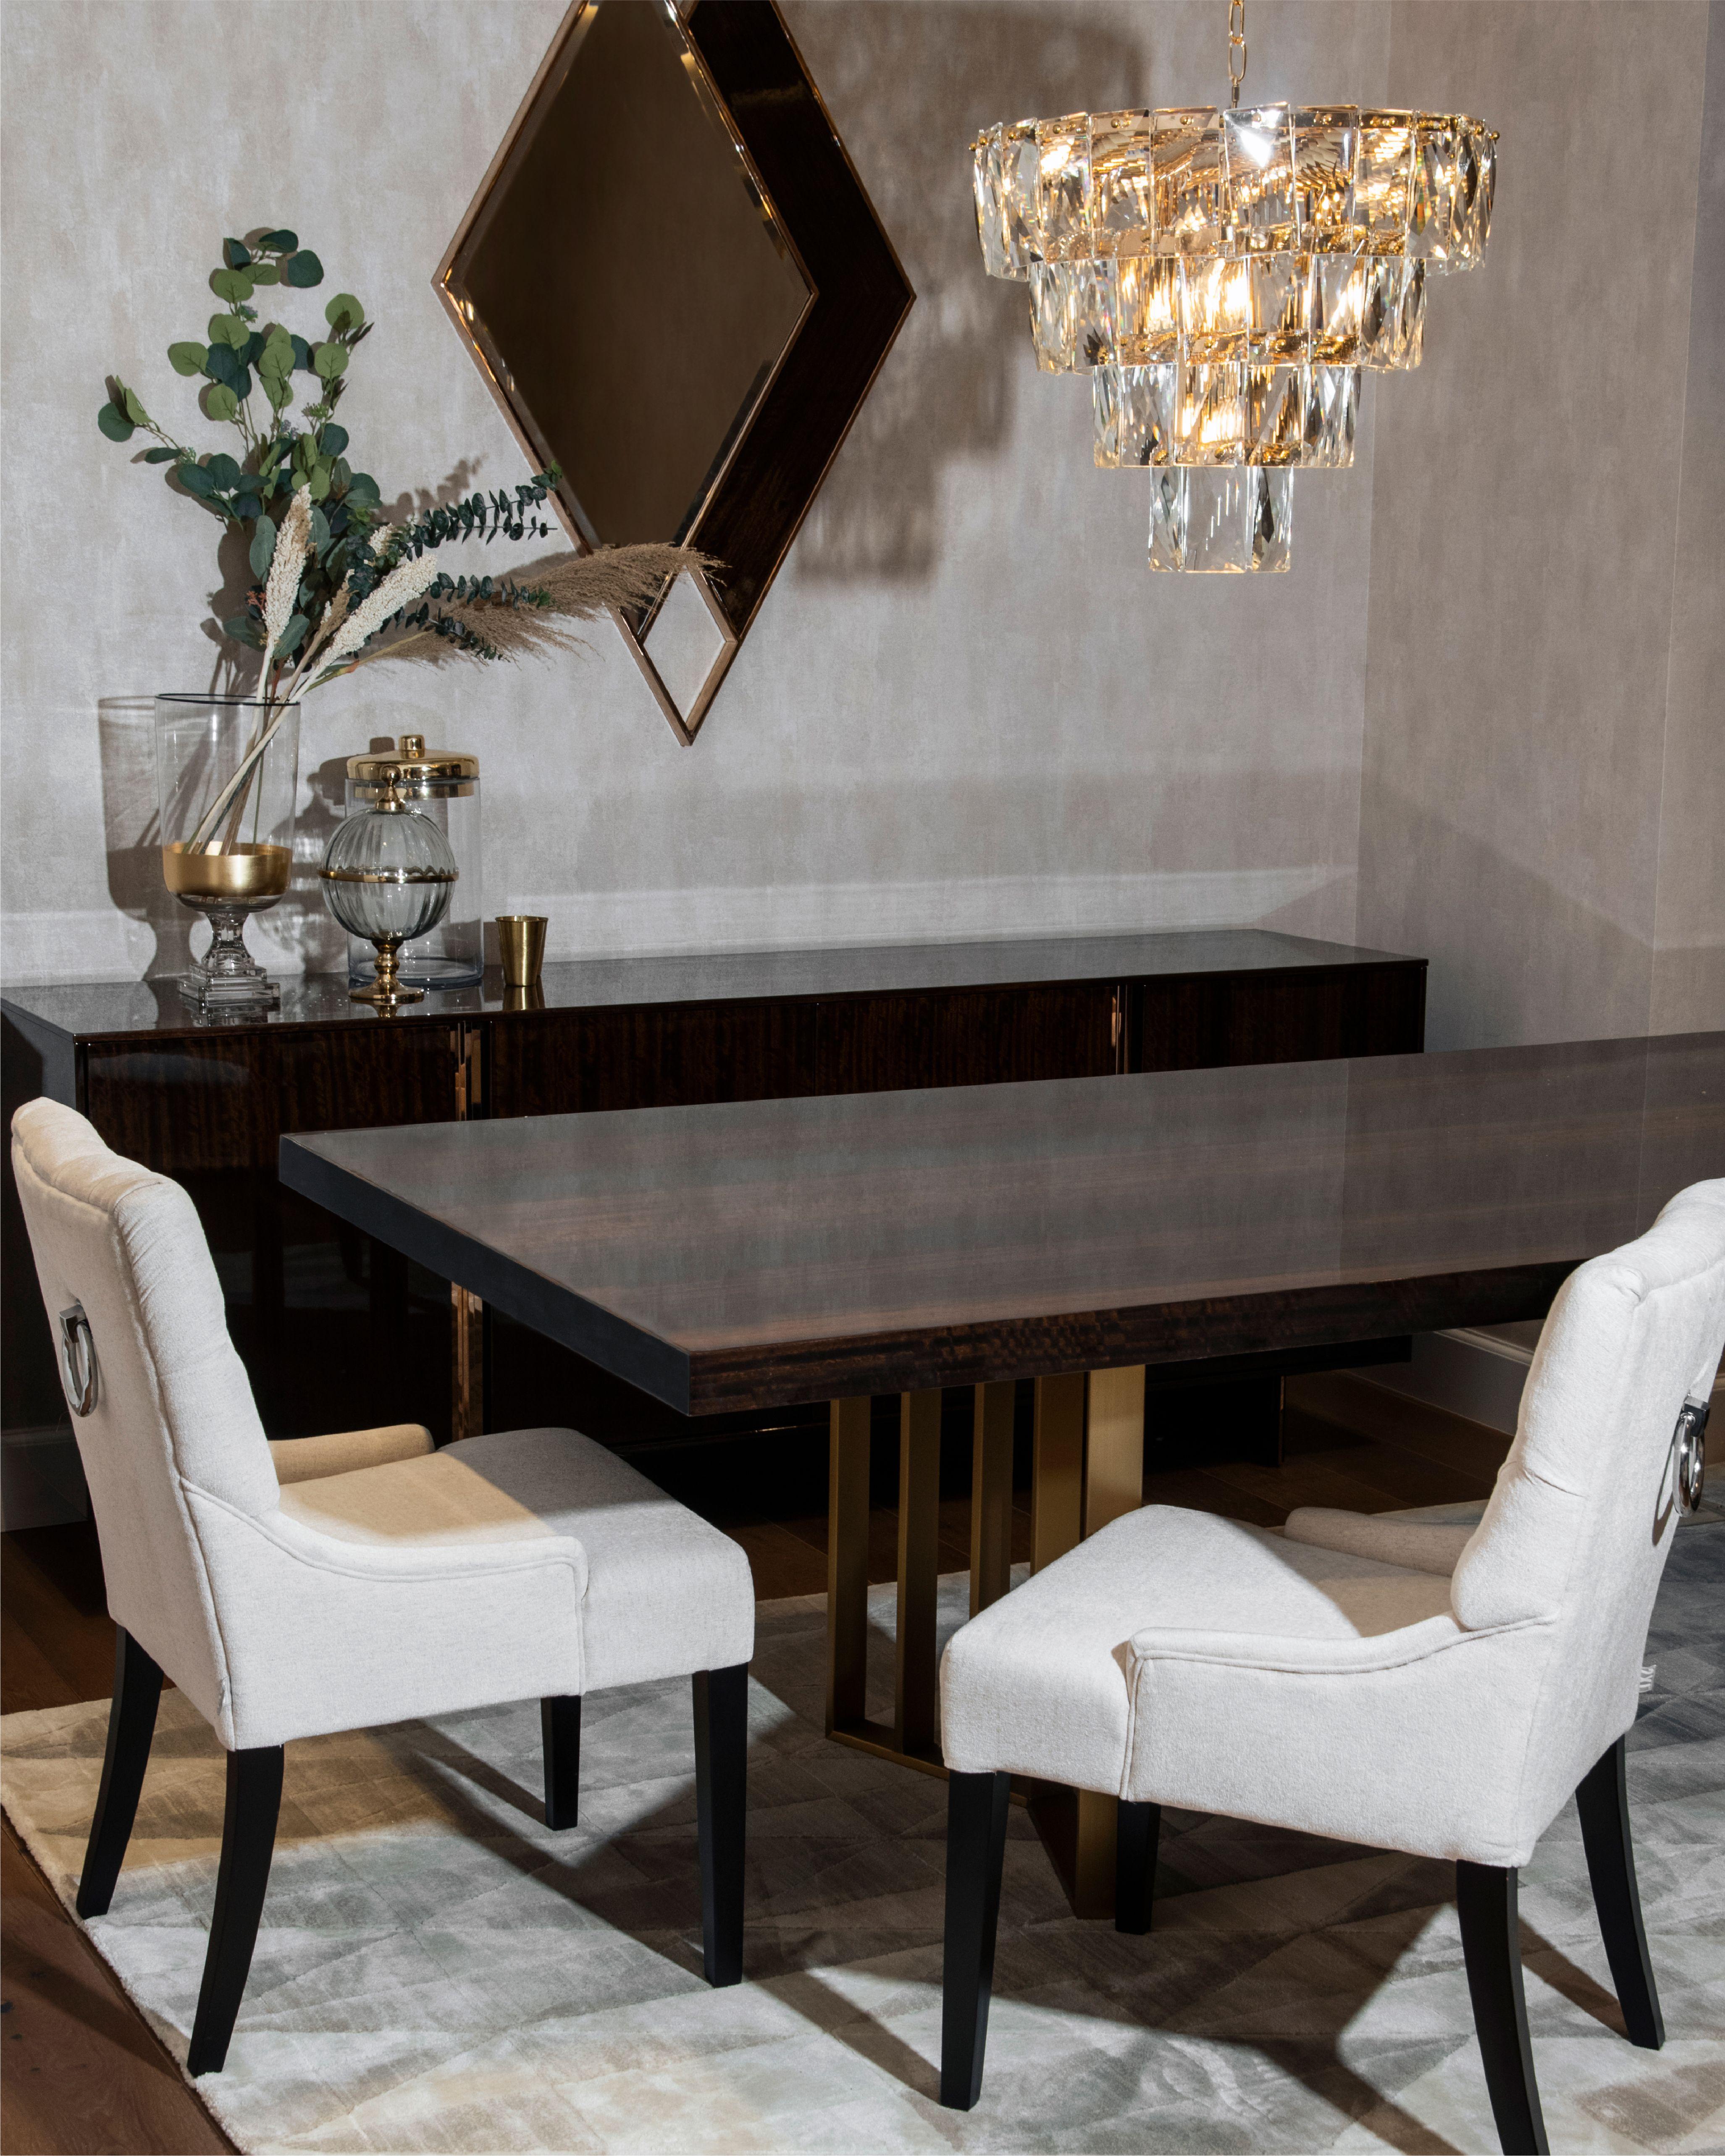 هل تبحث عن تصاميم غرف الطعام المثالية تفضل بزيارة أفرعنا أو موقعنا الالكتروني للاطلاع على جميع التشكيلات Looking For The Dining Chairs Home Decor Dining Bench